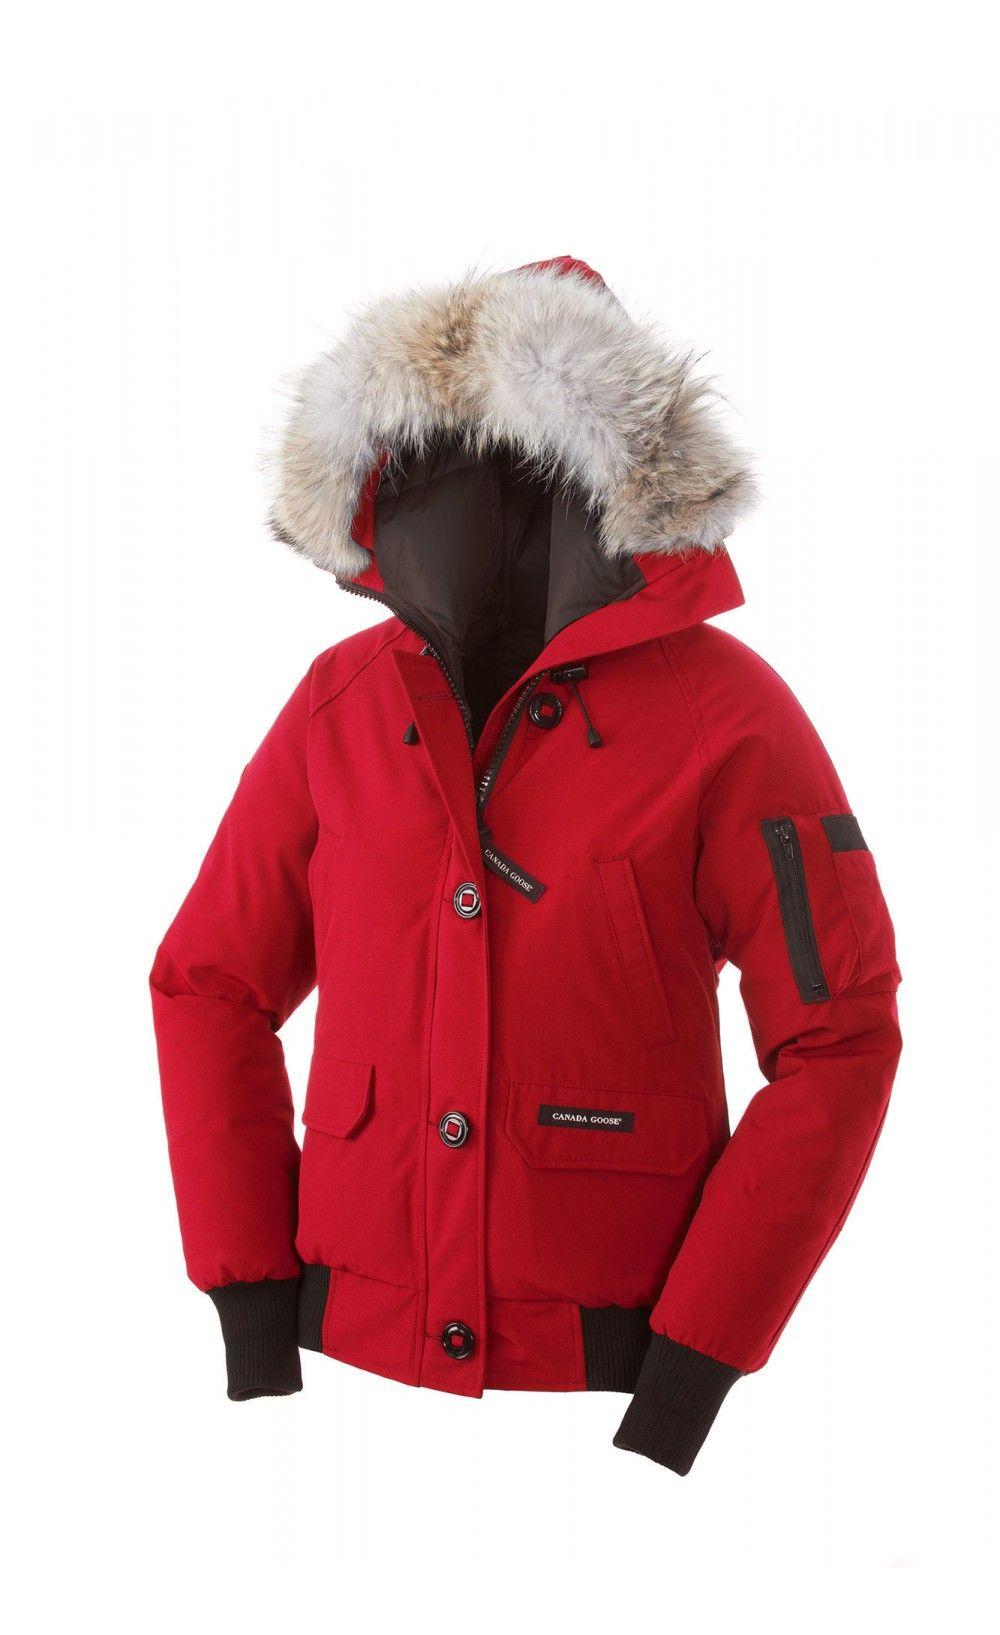 Canada Goose Chilliwack Bomber Jaket Red Women Fashion Style Everyday Fashion